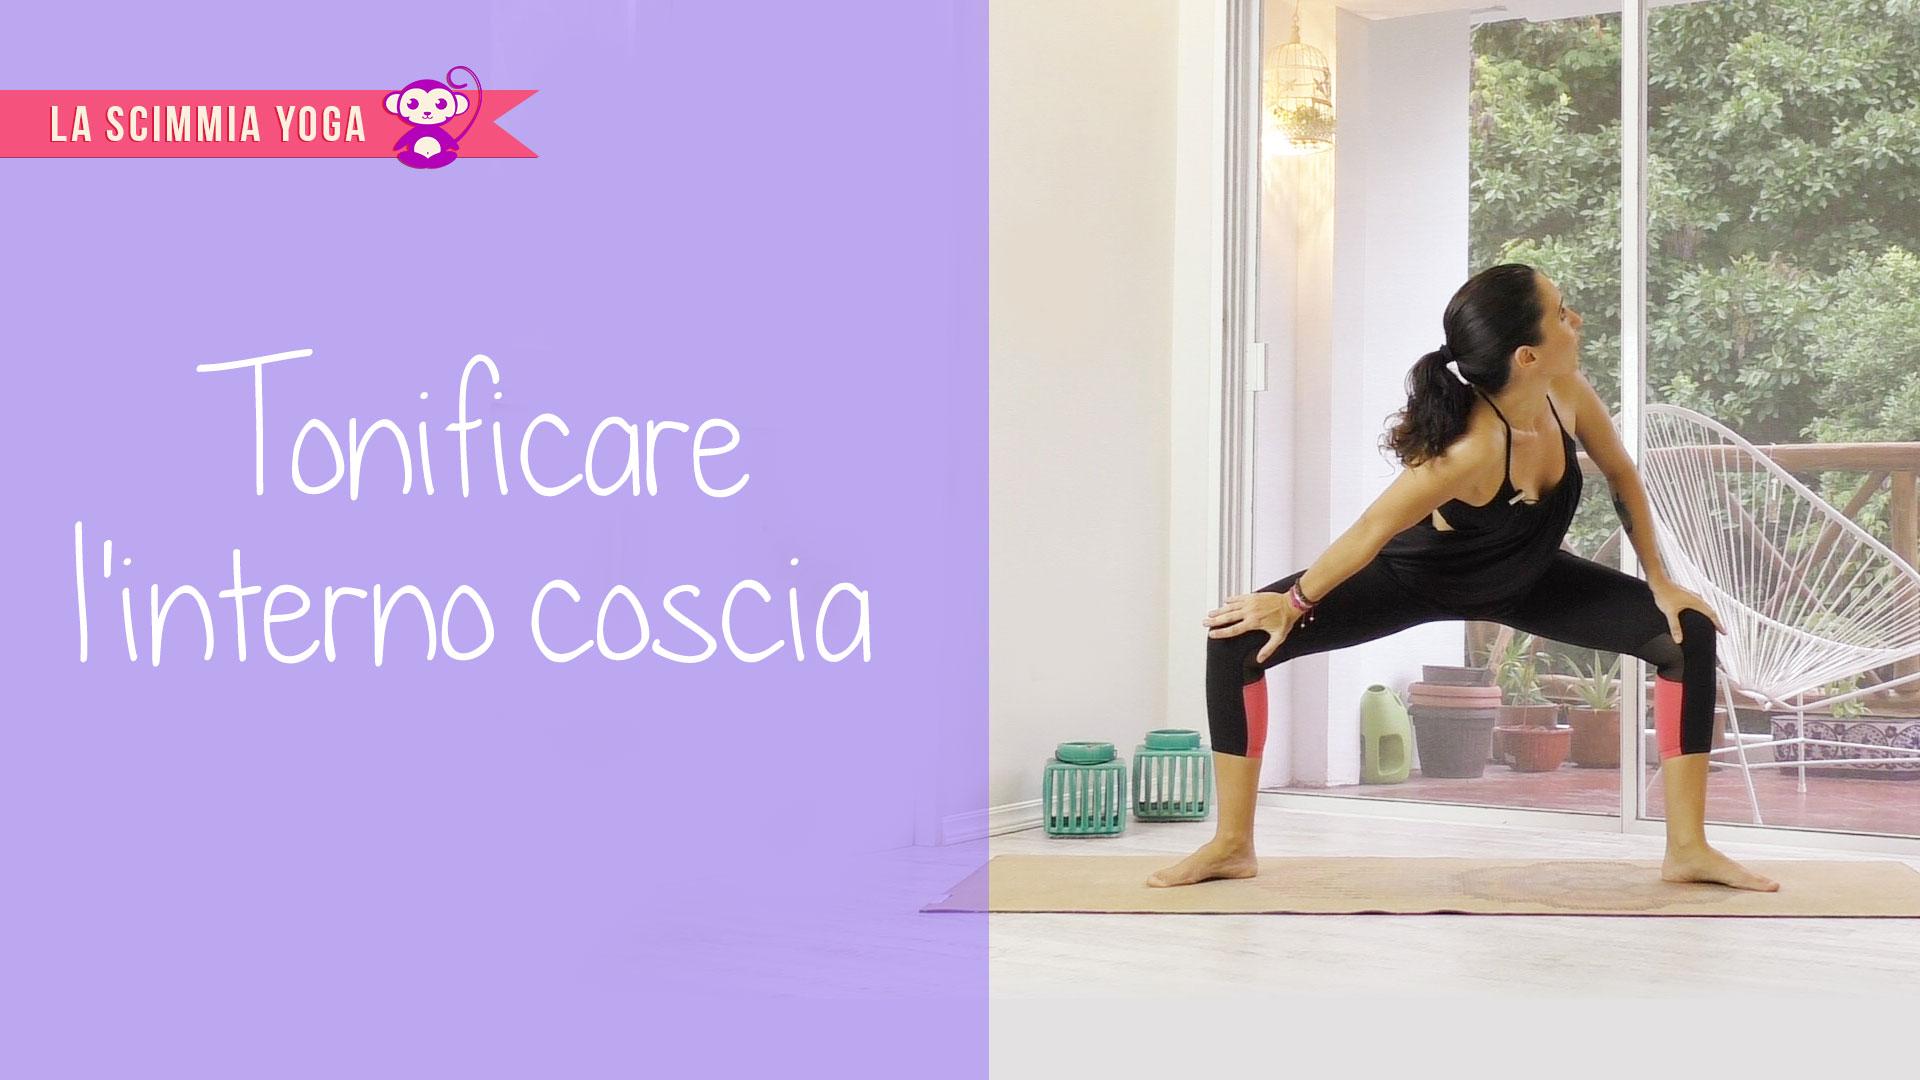 tonifica le gambe con semplici posizioni yoga